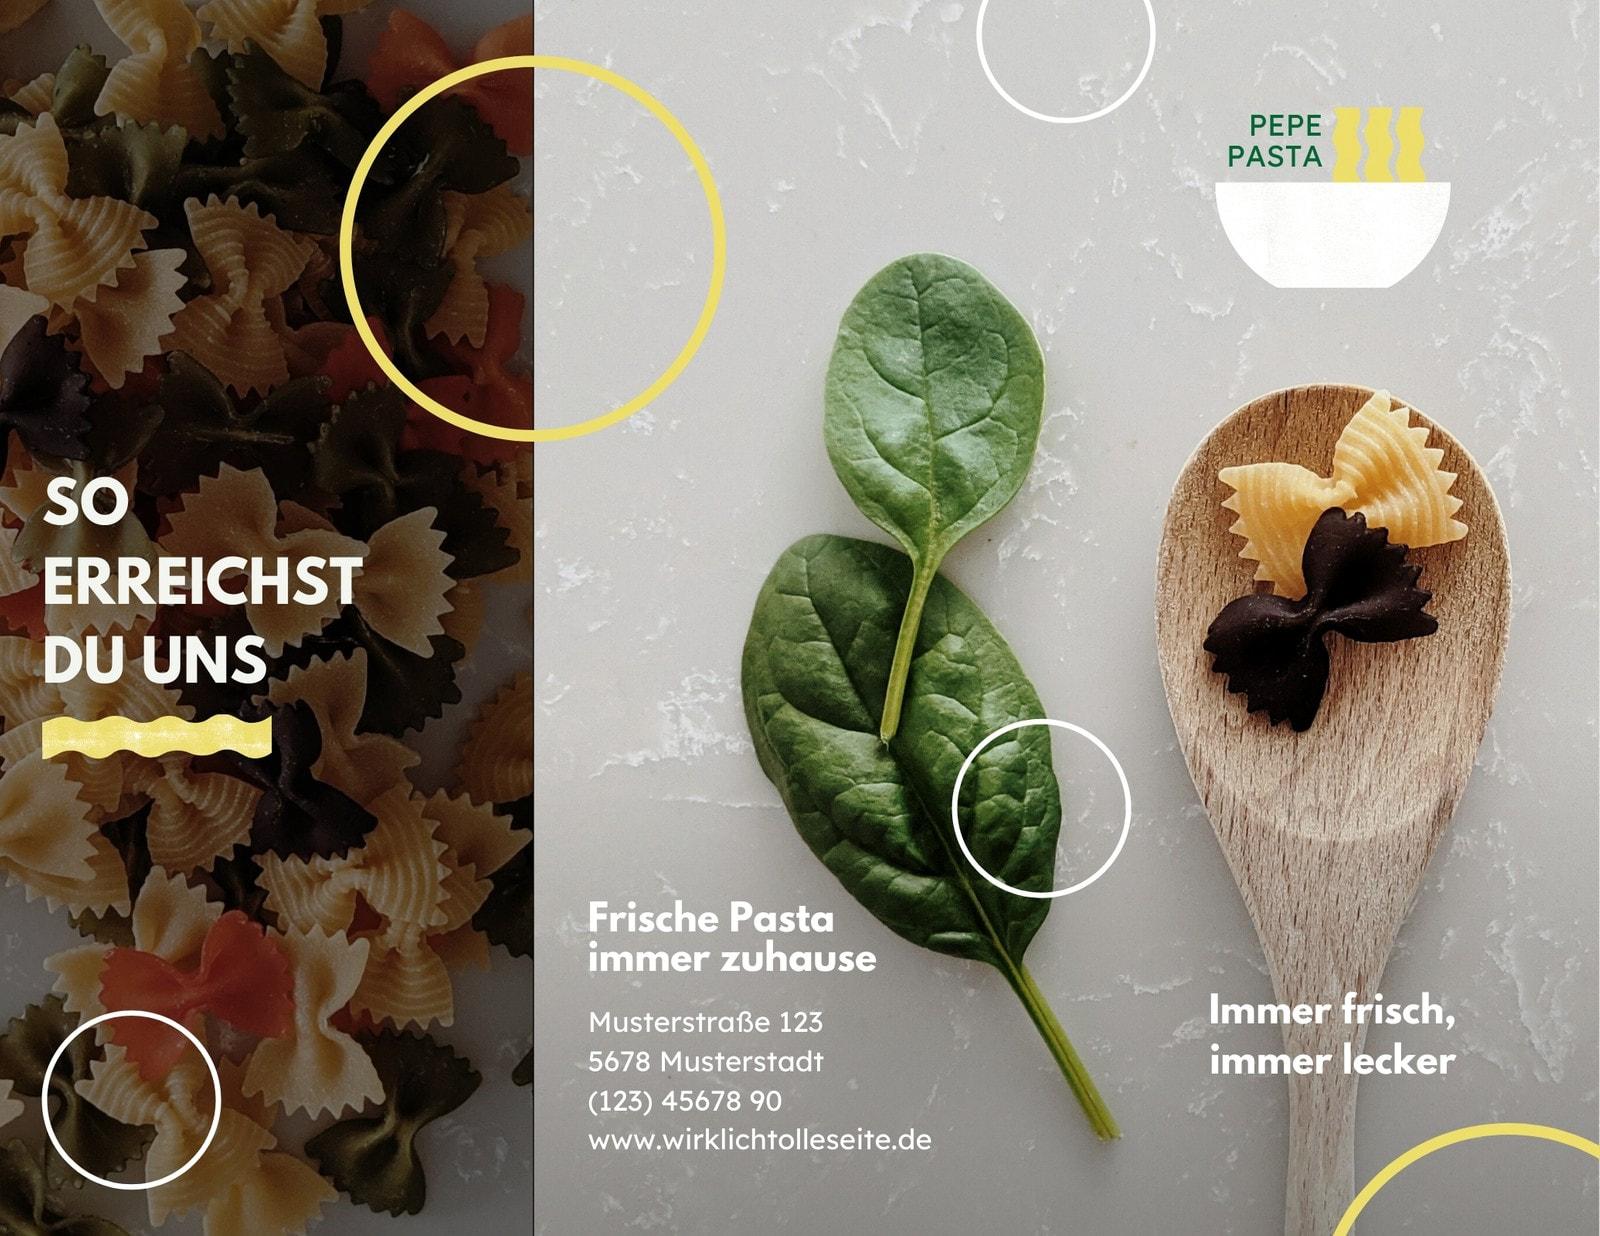 Grün-weiß Modern Pasta Dreiseitige Broschüre